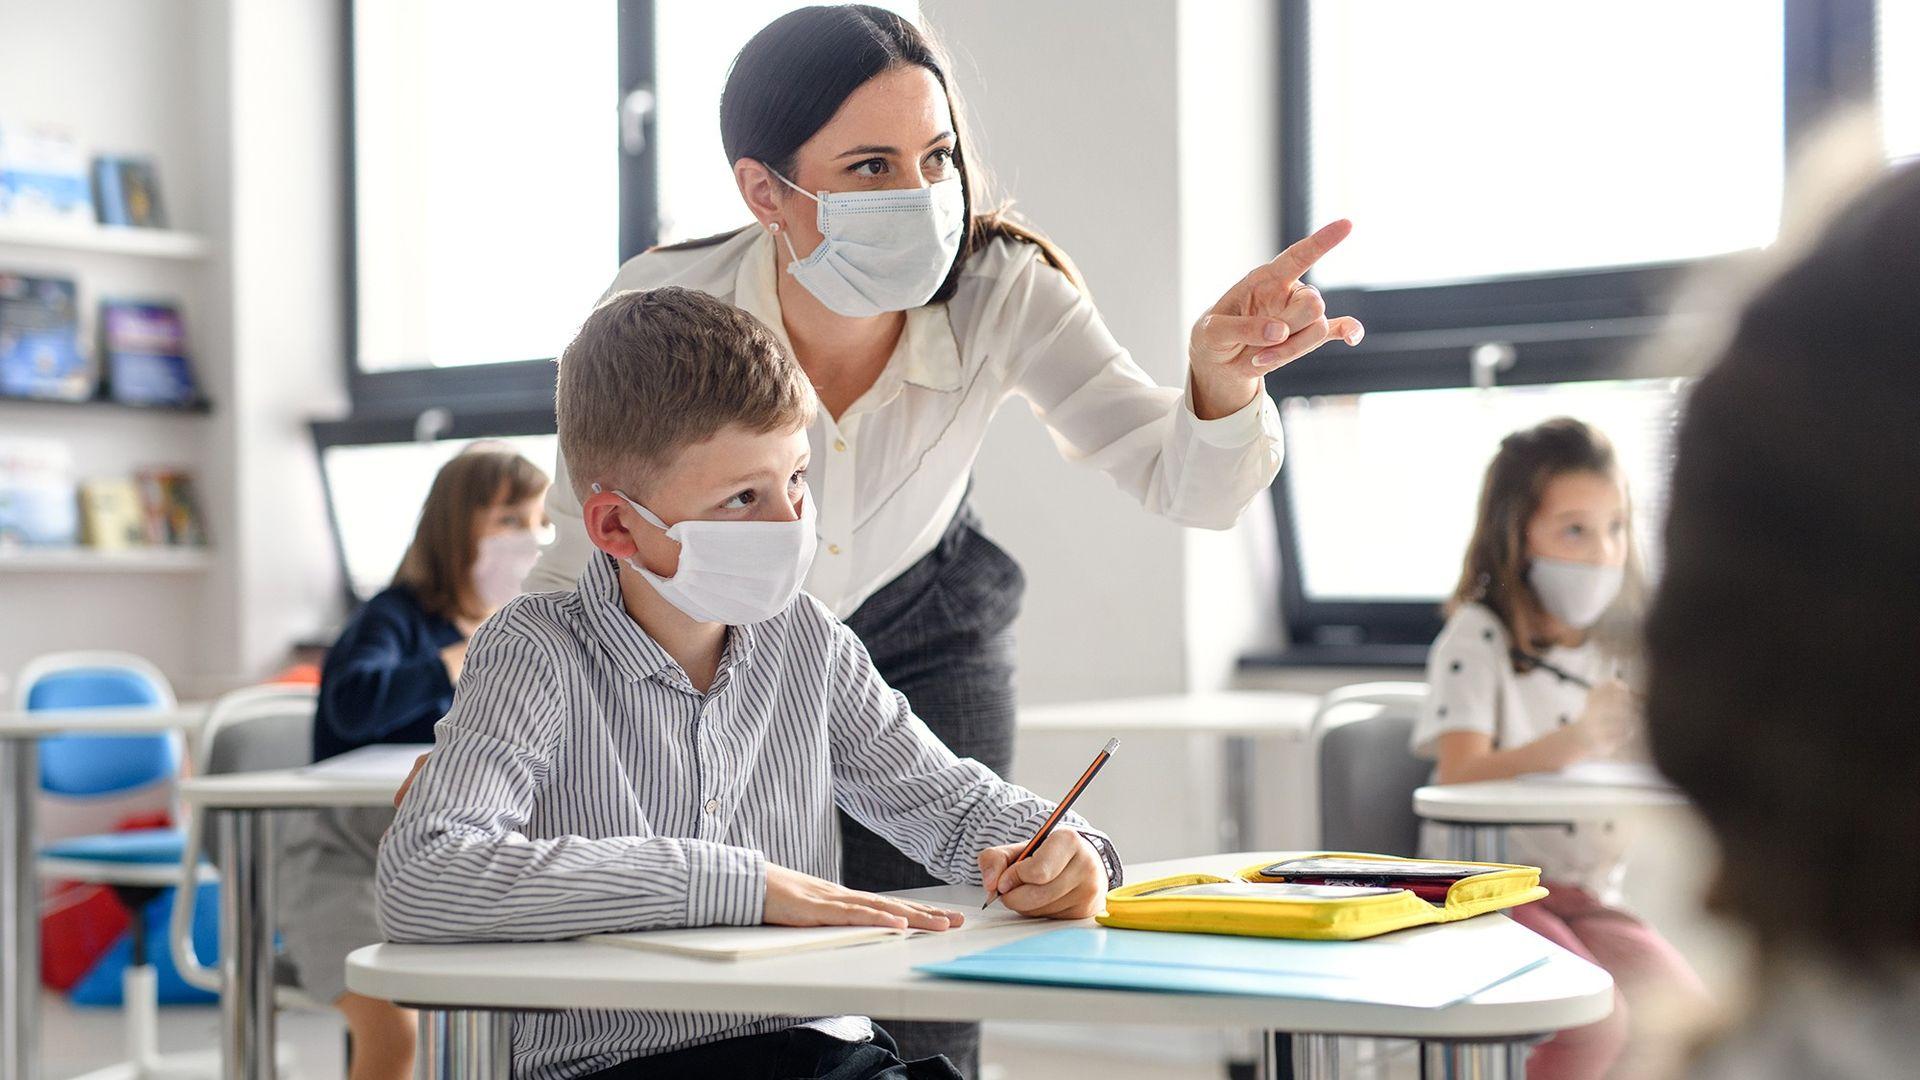 Okulda çocuklar maske takmalı mı?